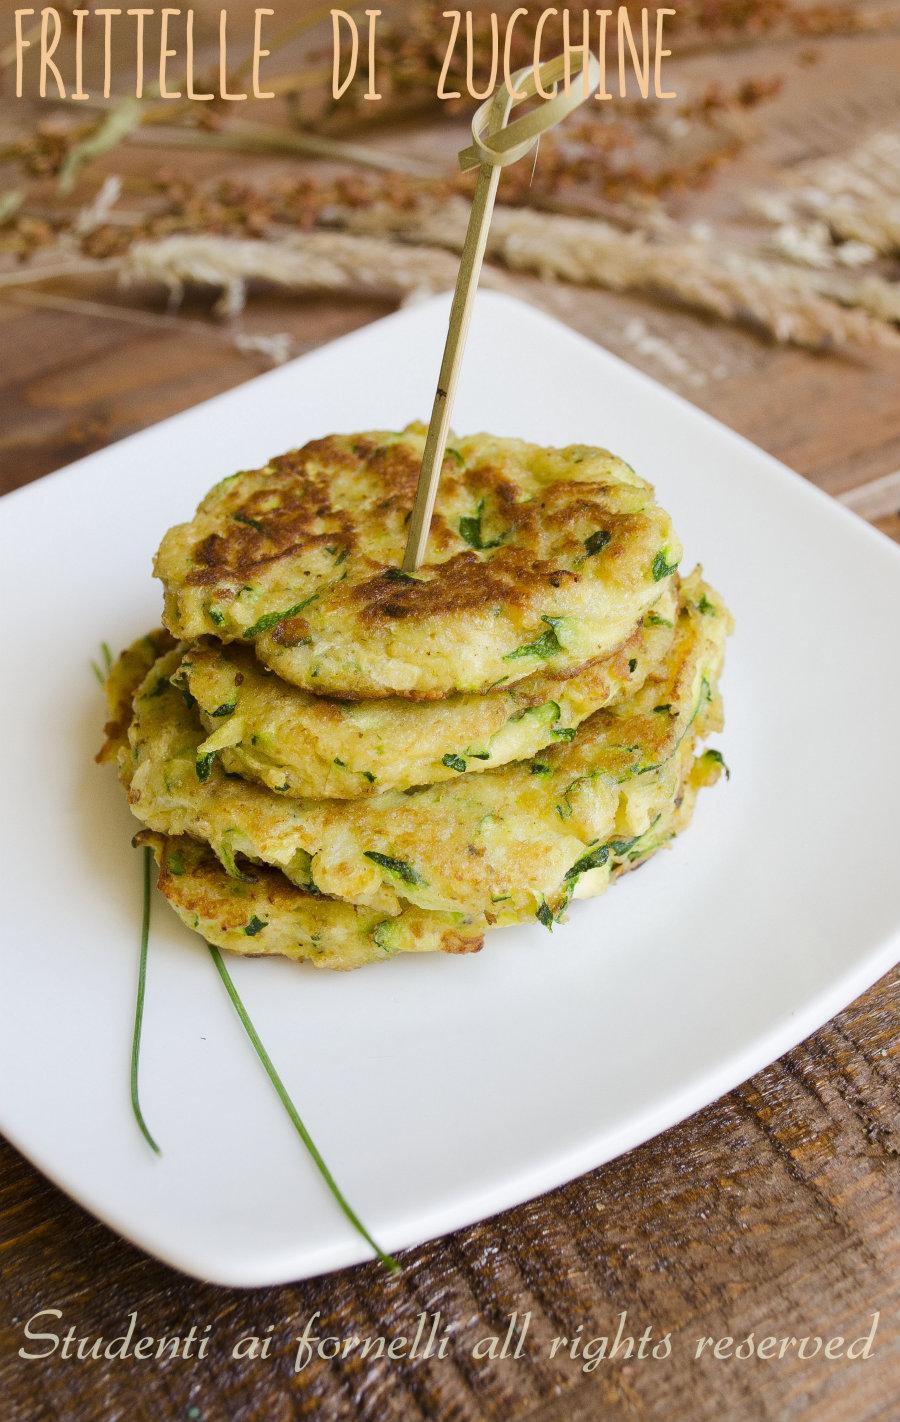 Ricetta facile e veloce di zucchine